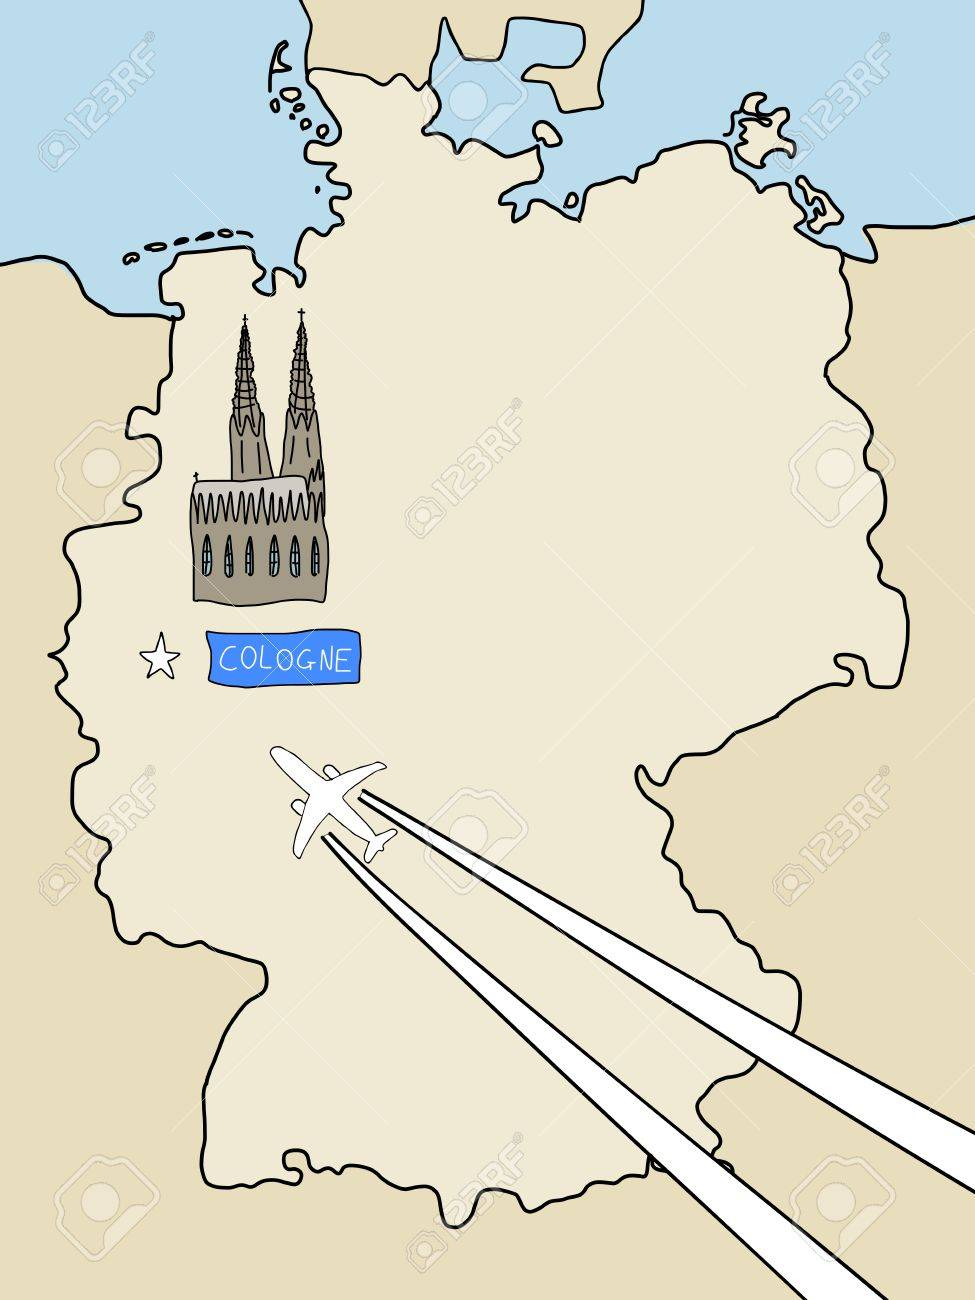 Germania Cartina Muta.Vettoriale Visita Colonia Cartina Muta Della Germania E Un Aereo Con Scie Citta Simbolo Concetto Di Viaggio Image 10600692